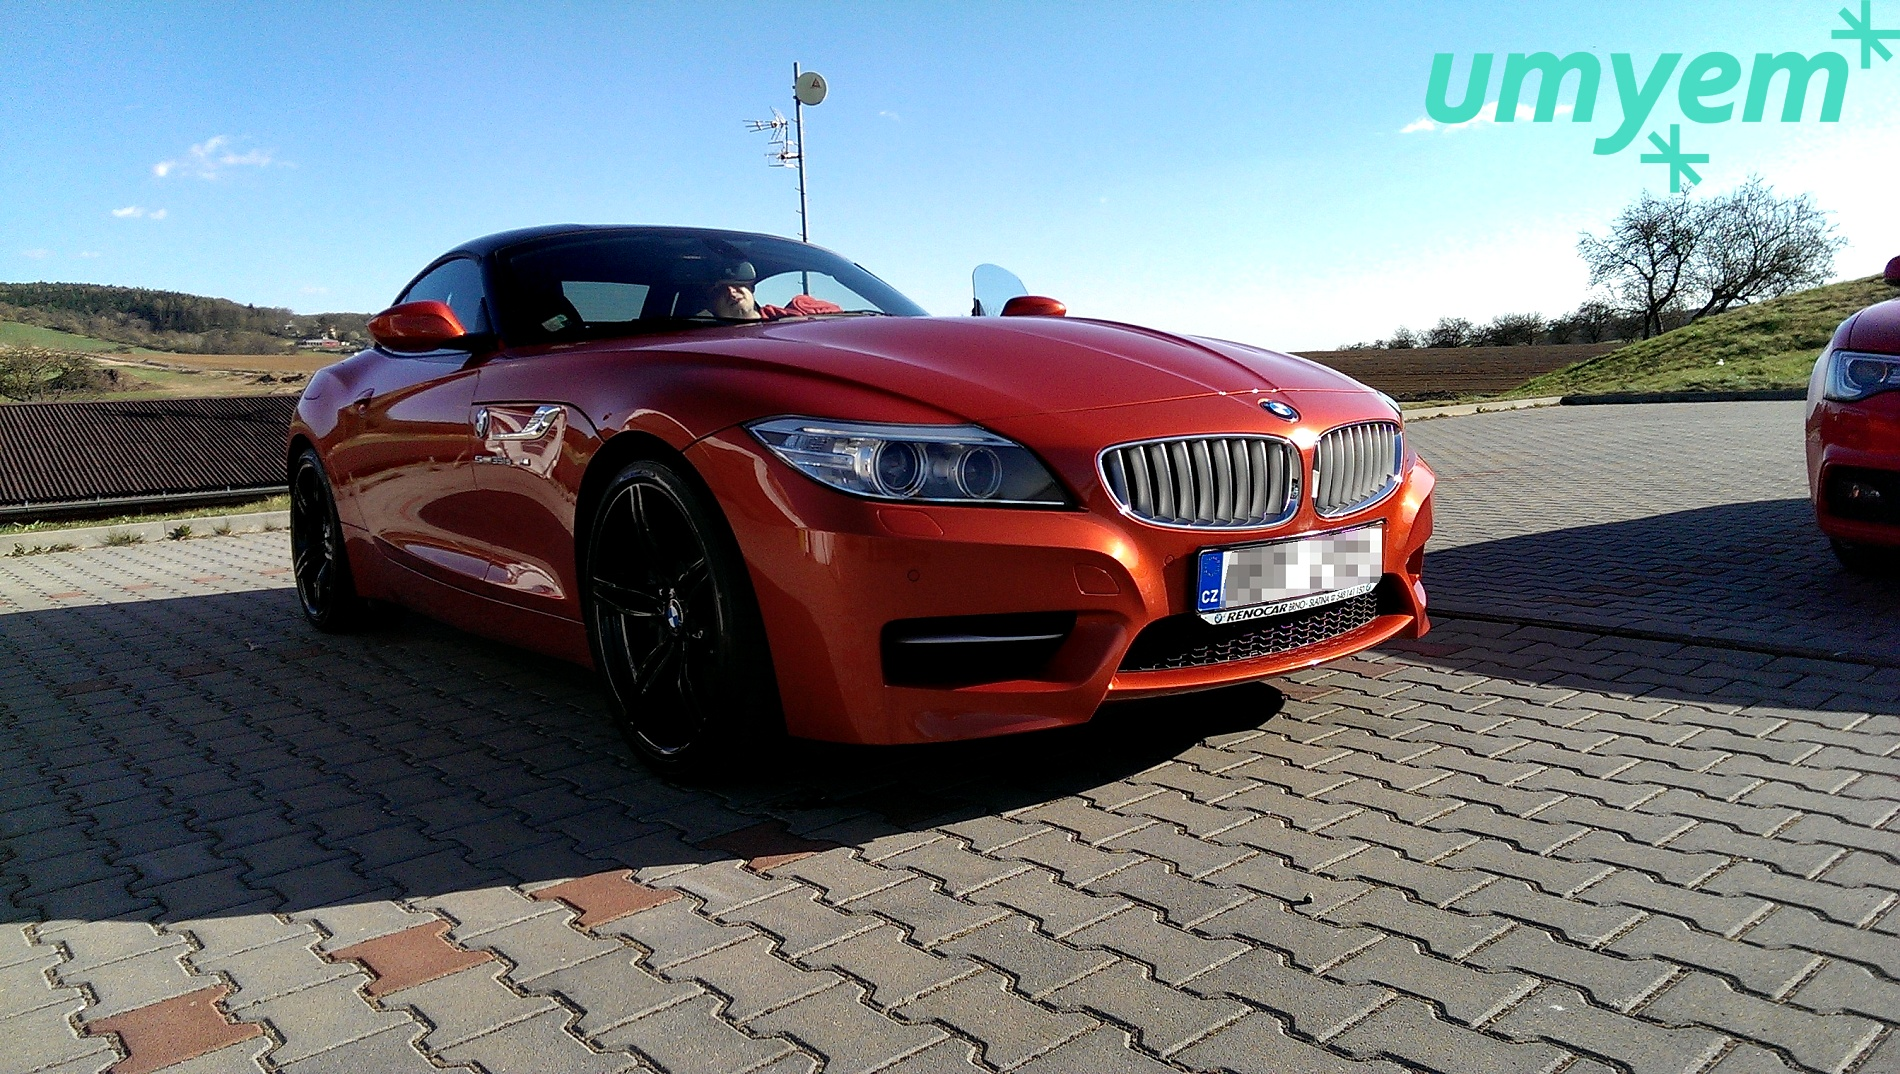 BMW_Z4_detailing_Brno_umyem_6.jpg